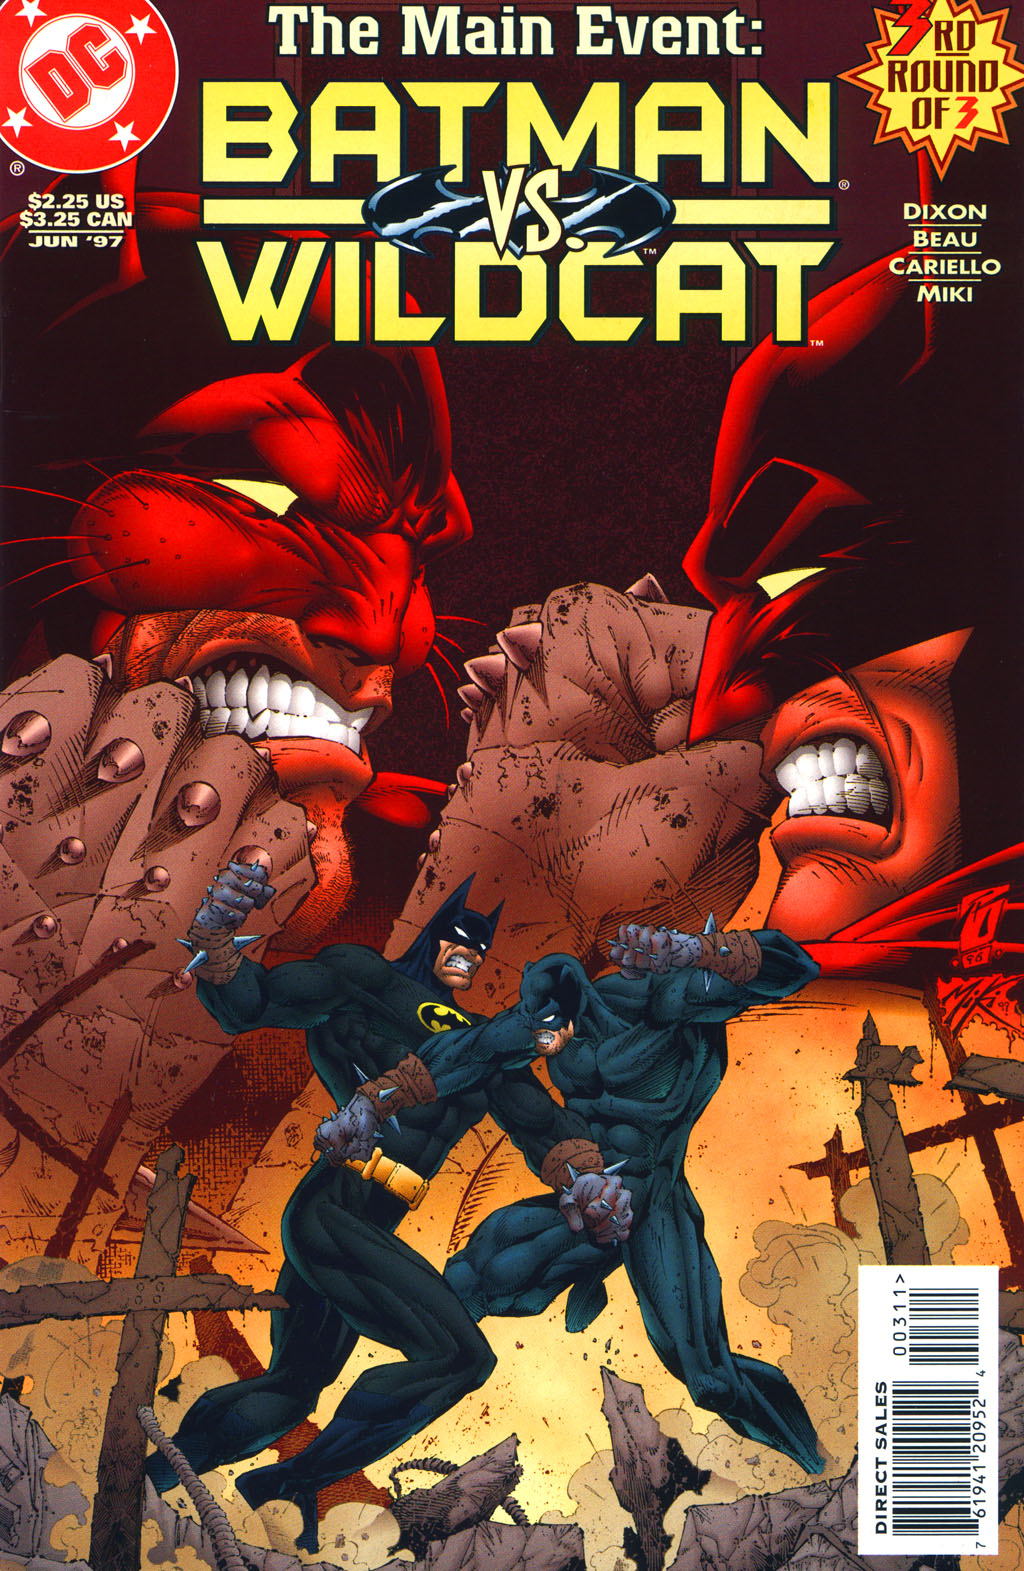 Batman/Wildcat (1997) 3 Page 1